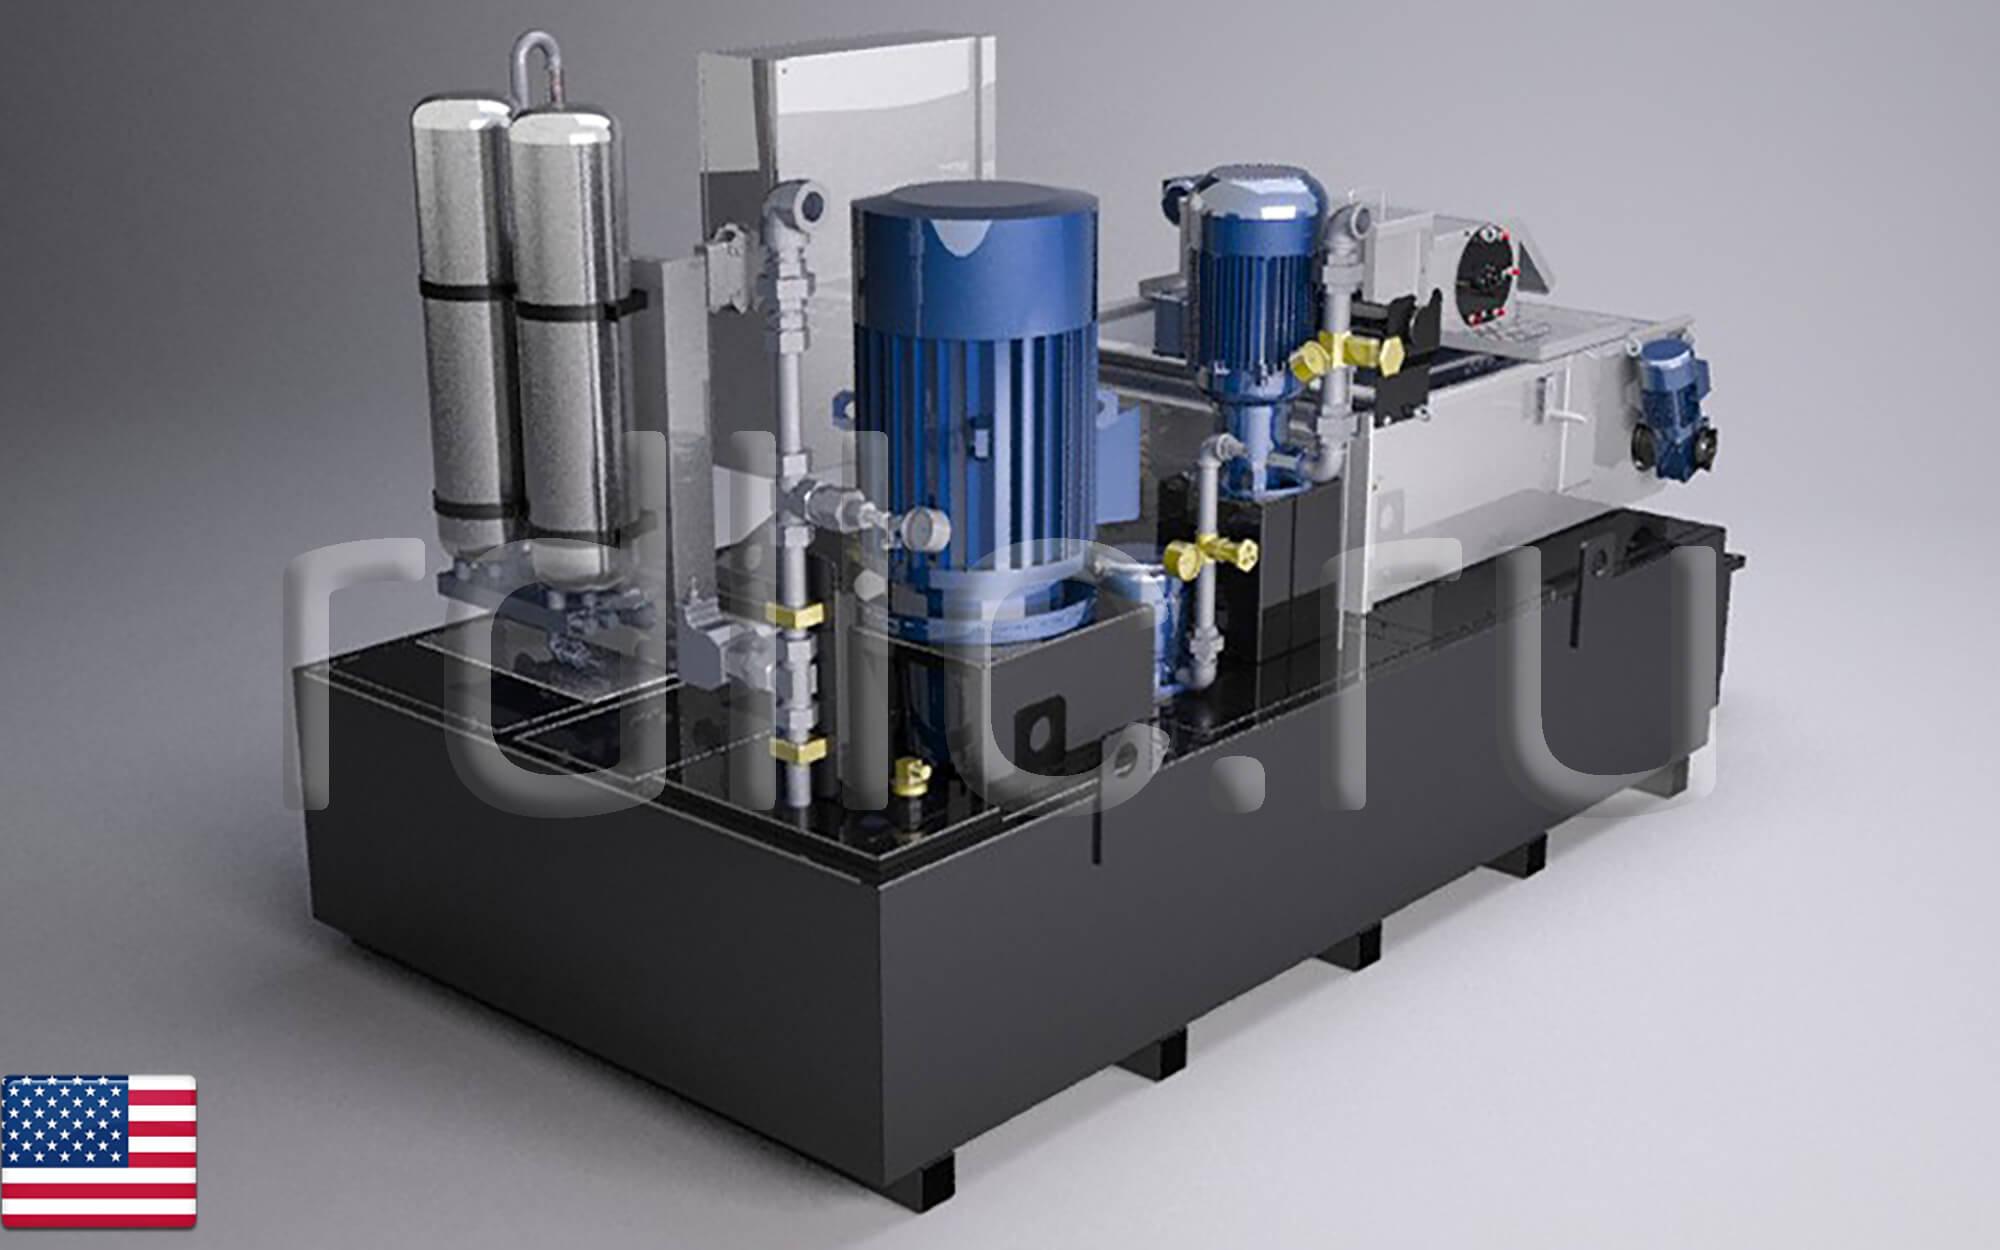 Поставка систем фильтрации с эффективностью очистки СОЖ до 3 микрон (фильтр СОЖ гравитационного типа Evotech Deep | магнитный сепаратор СОЖ Kalamit | портативная мобильная установка очистки СОЖ Oil Clean)